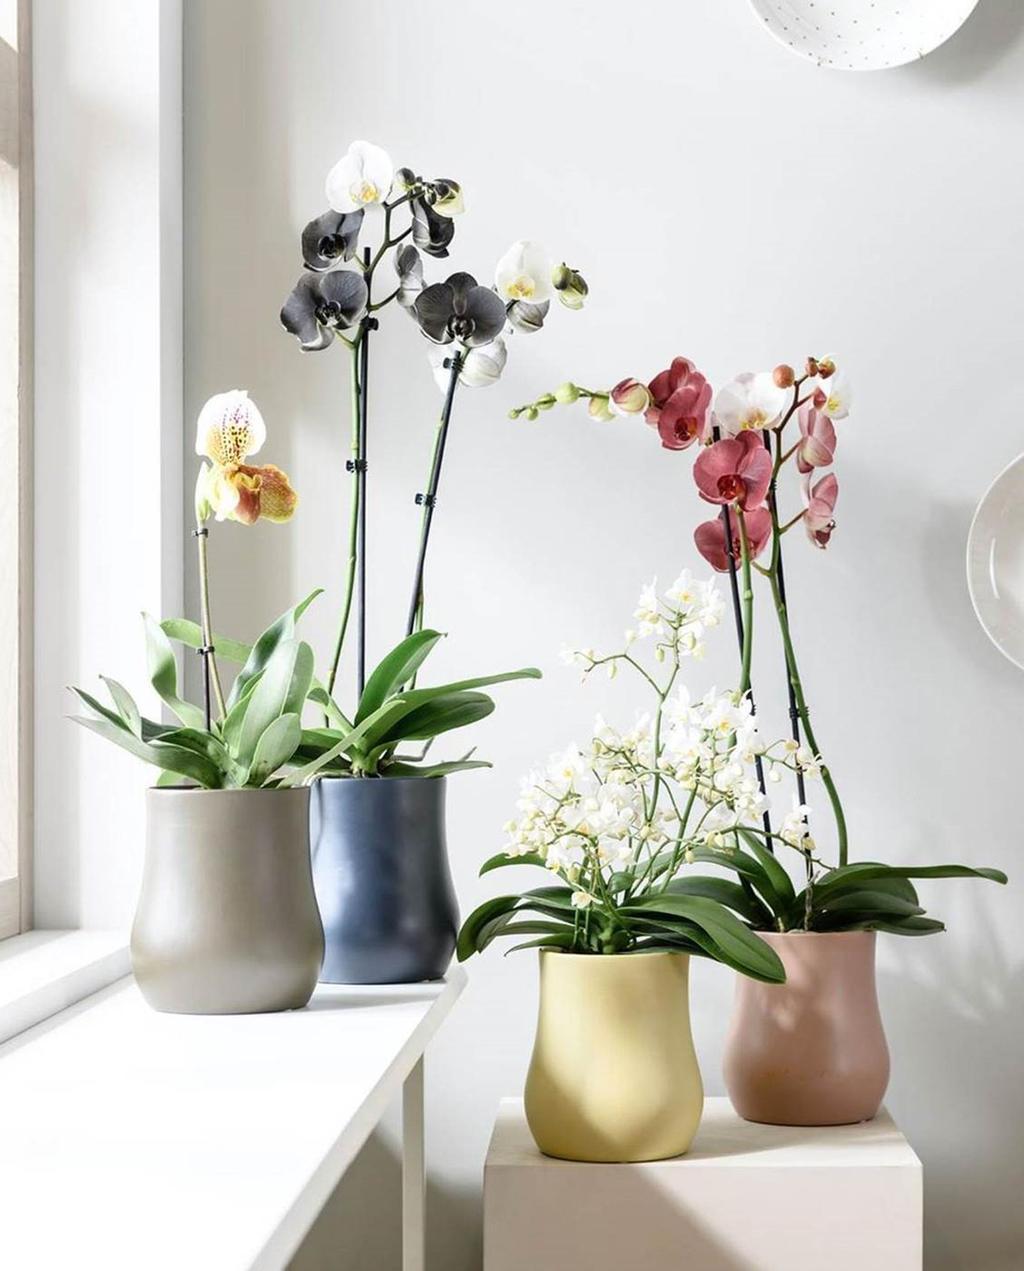 pot en plant collectie | vtwonen | Albert Heijn